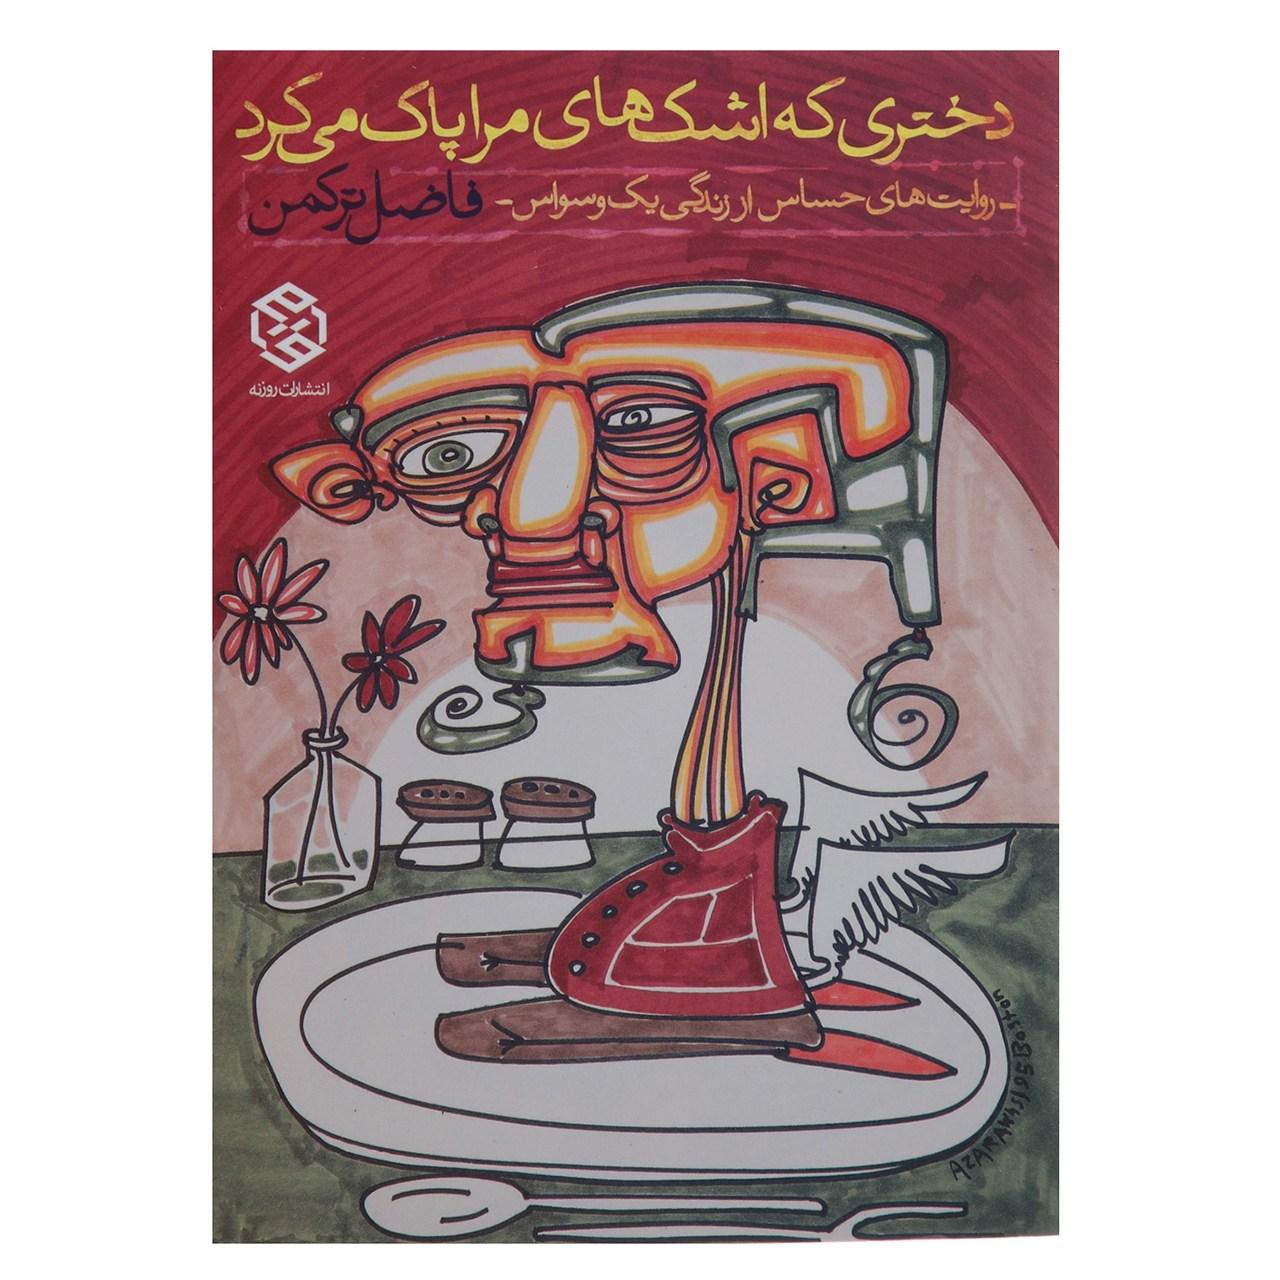 کتاب دختری که اشک های مرا پاک می کرد اثر فاضل ترکمن